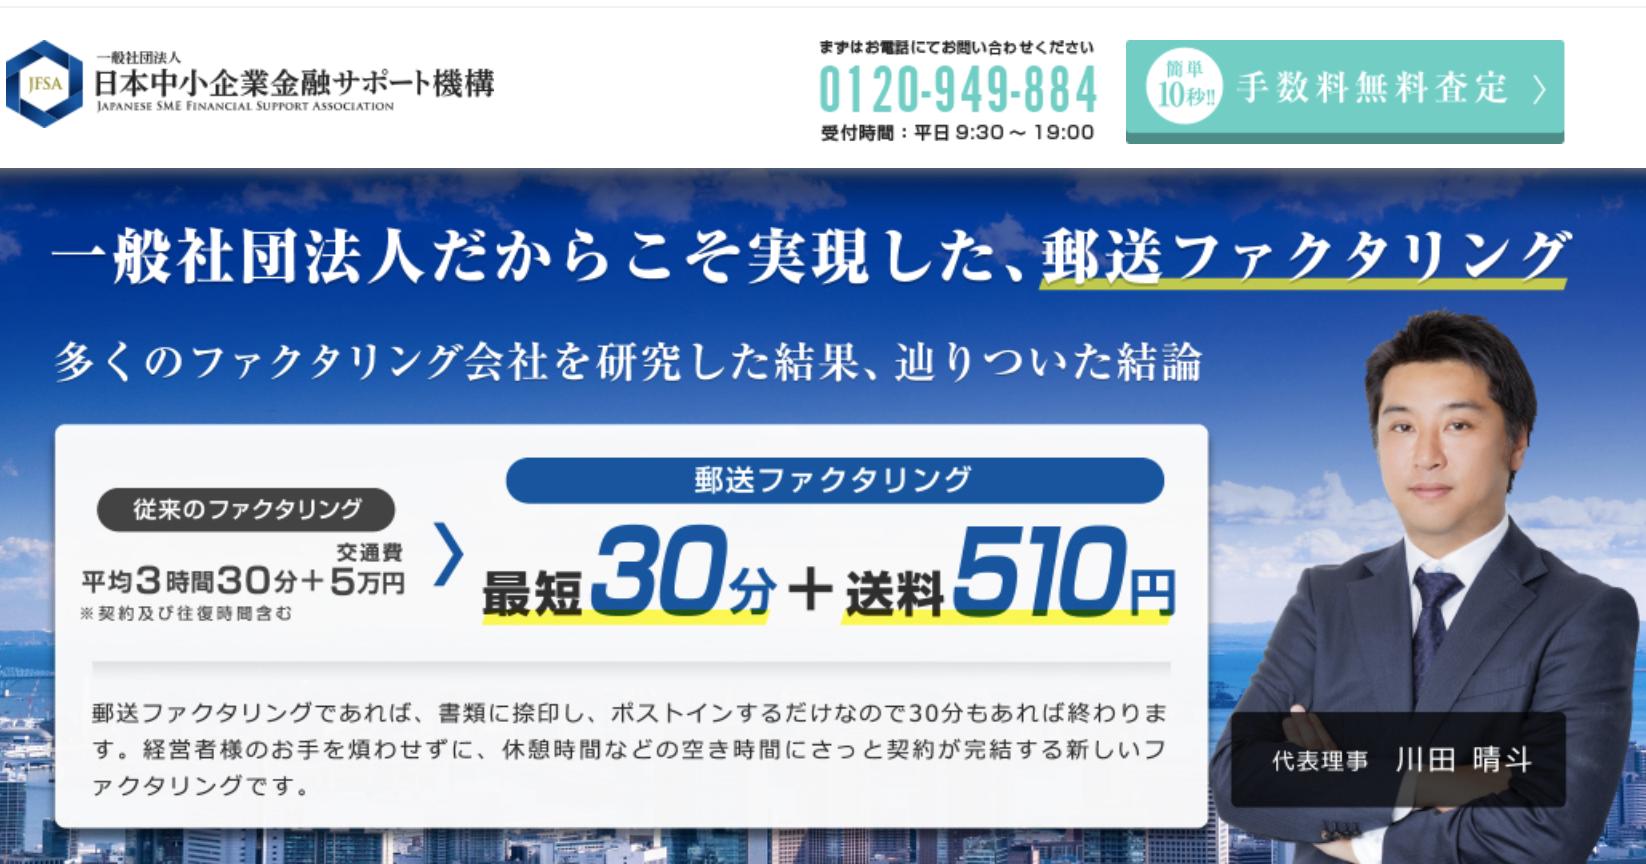 日本中小企業金融サポート機構の特徴や評判をまとめました